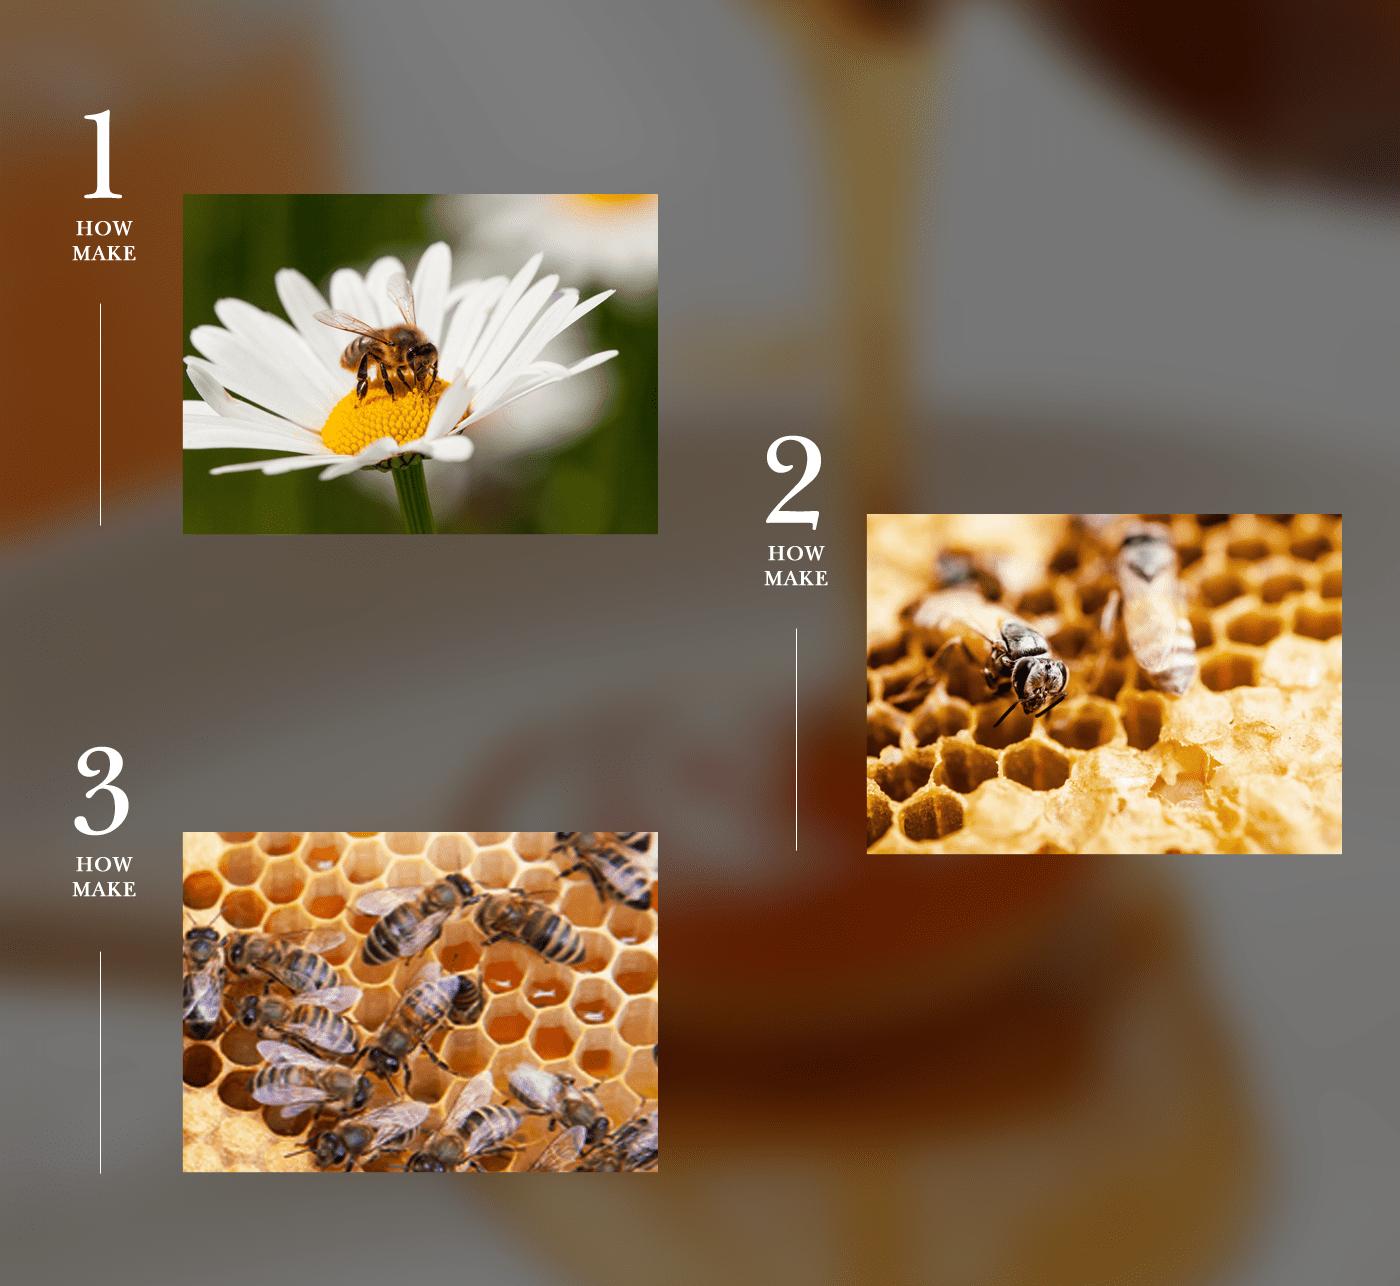 100% 토종 천연 벌꿀, DMZ 철원 숙성 아카시아 꿀 상세이미지9 - 어떻게 만들어졌나요